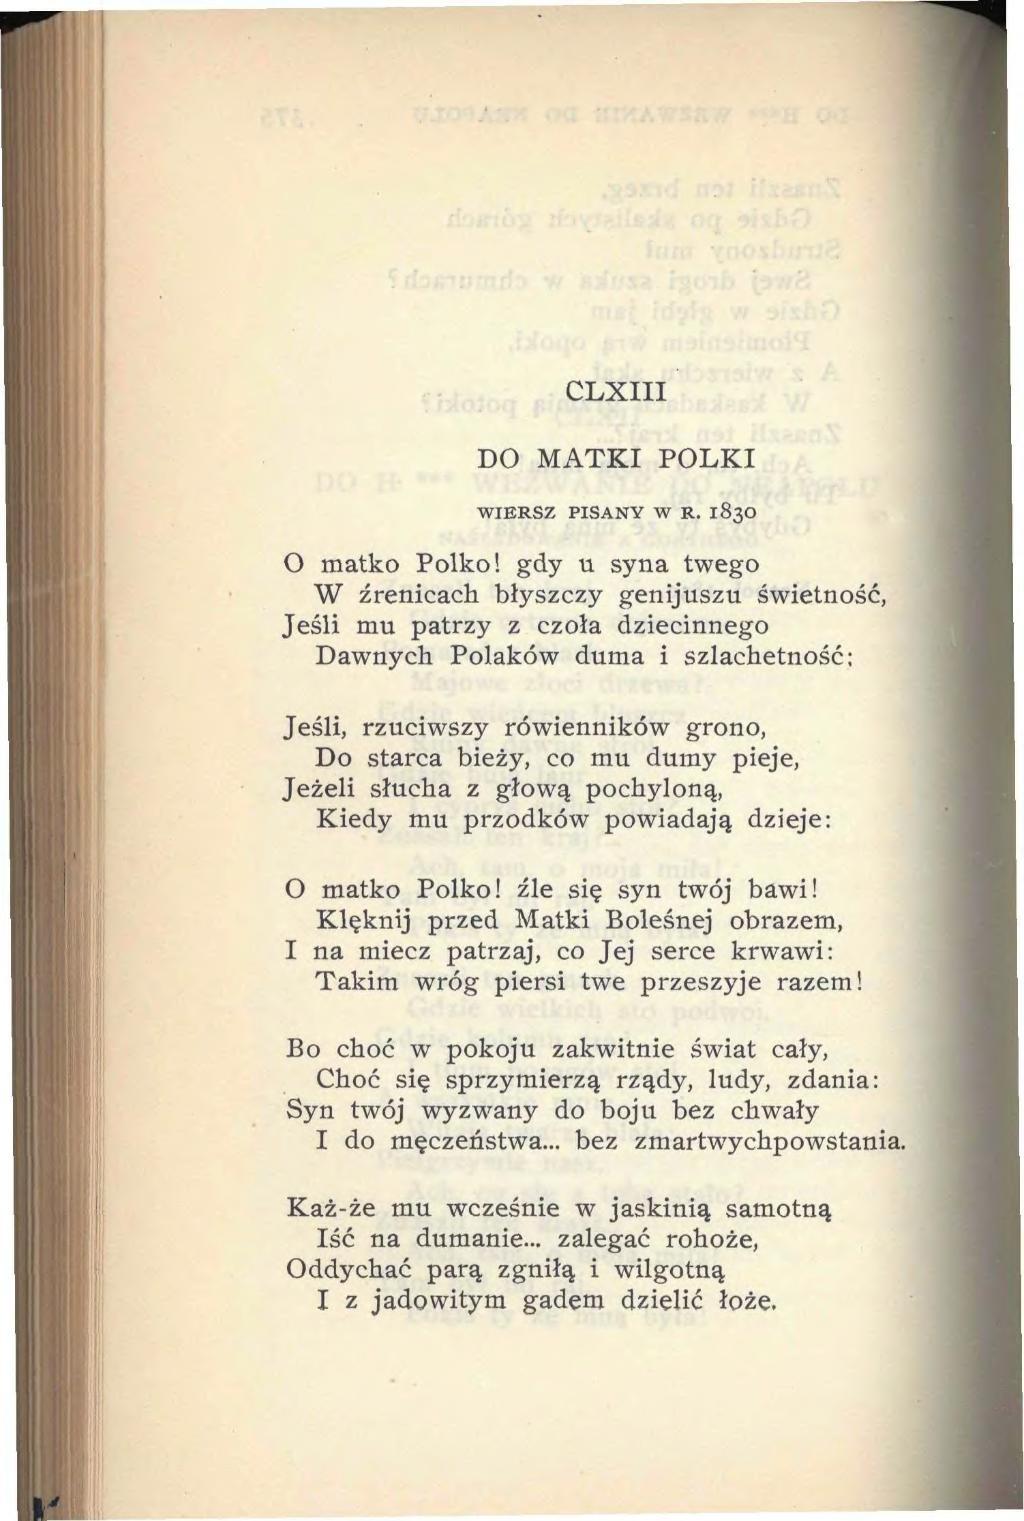 Stronapl Adam Mickiewicz Poezje 1929djvu396